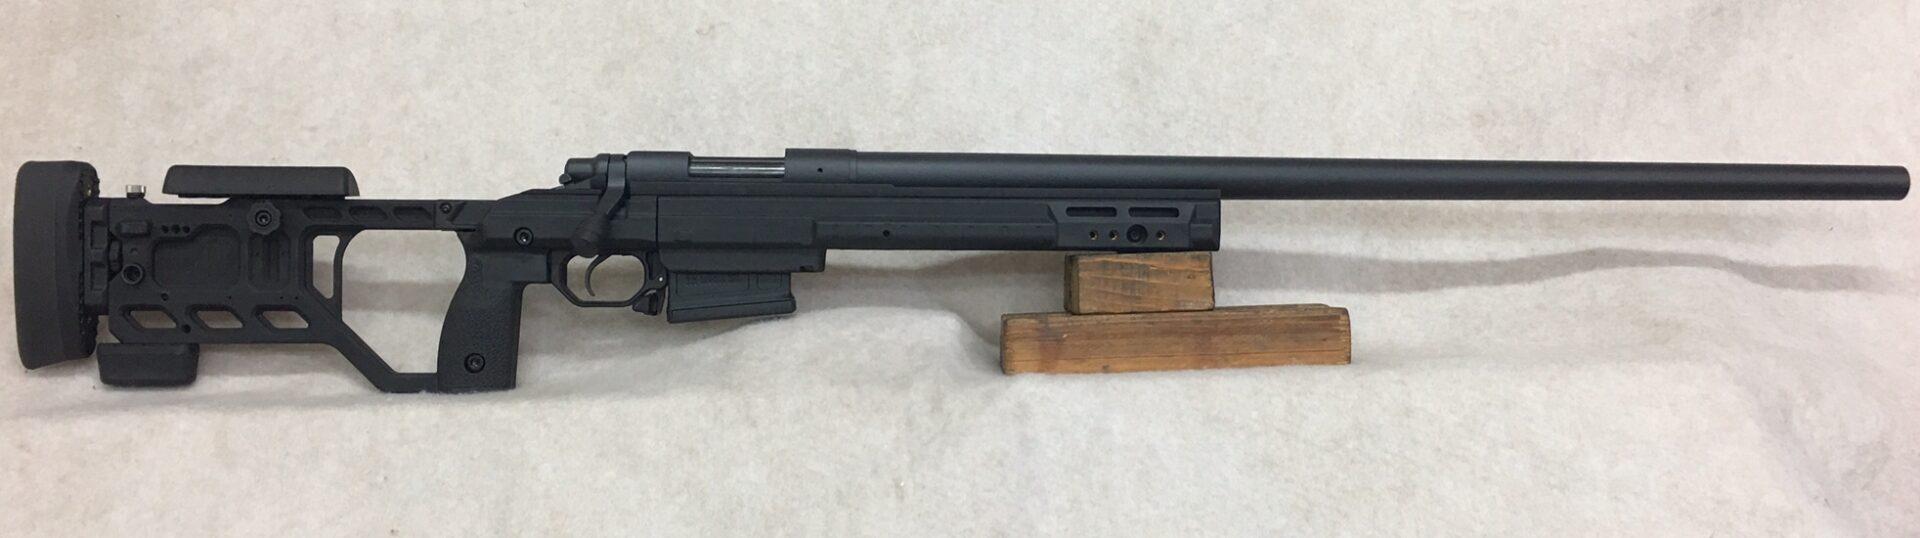 Gun Modifications in Montgomery, AL